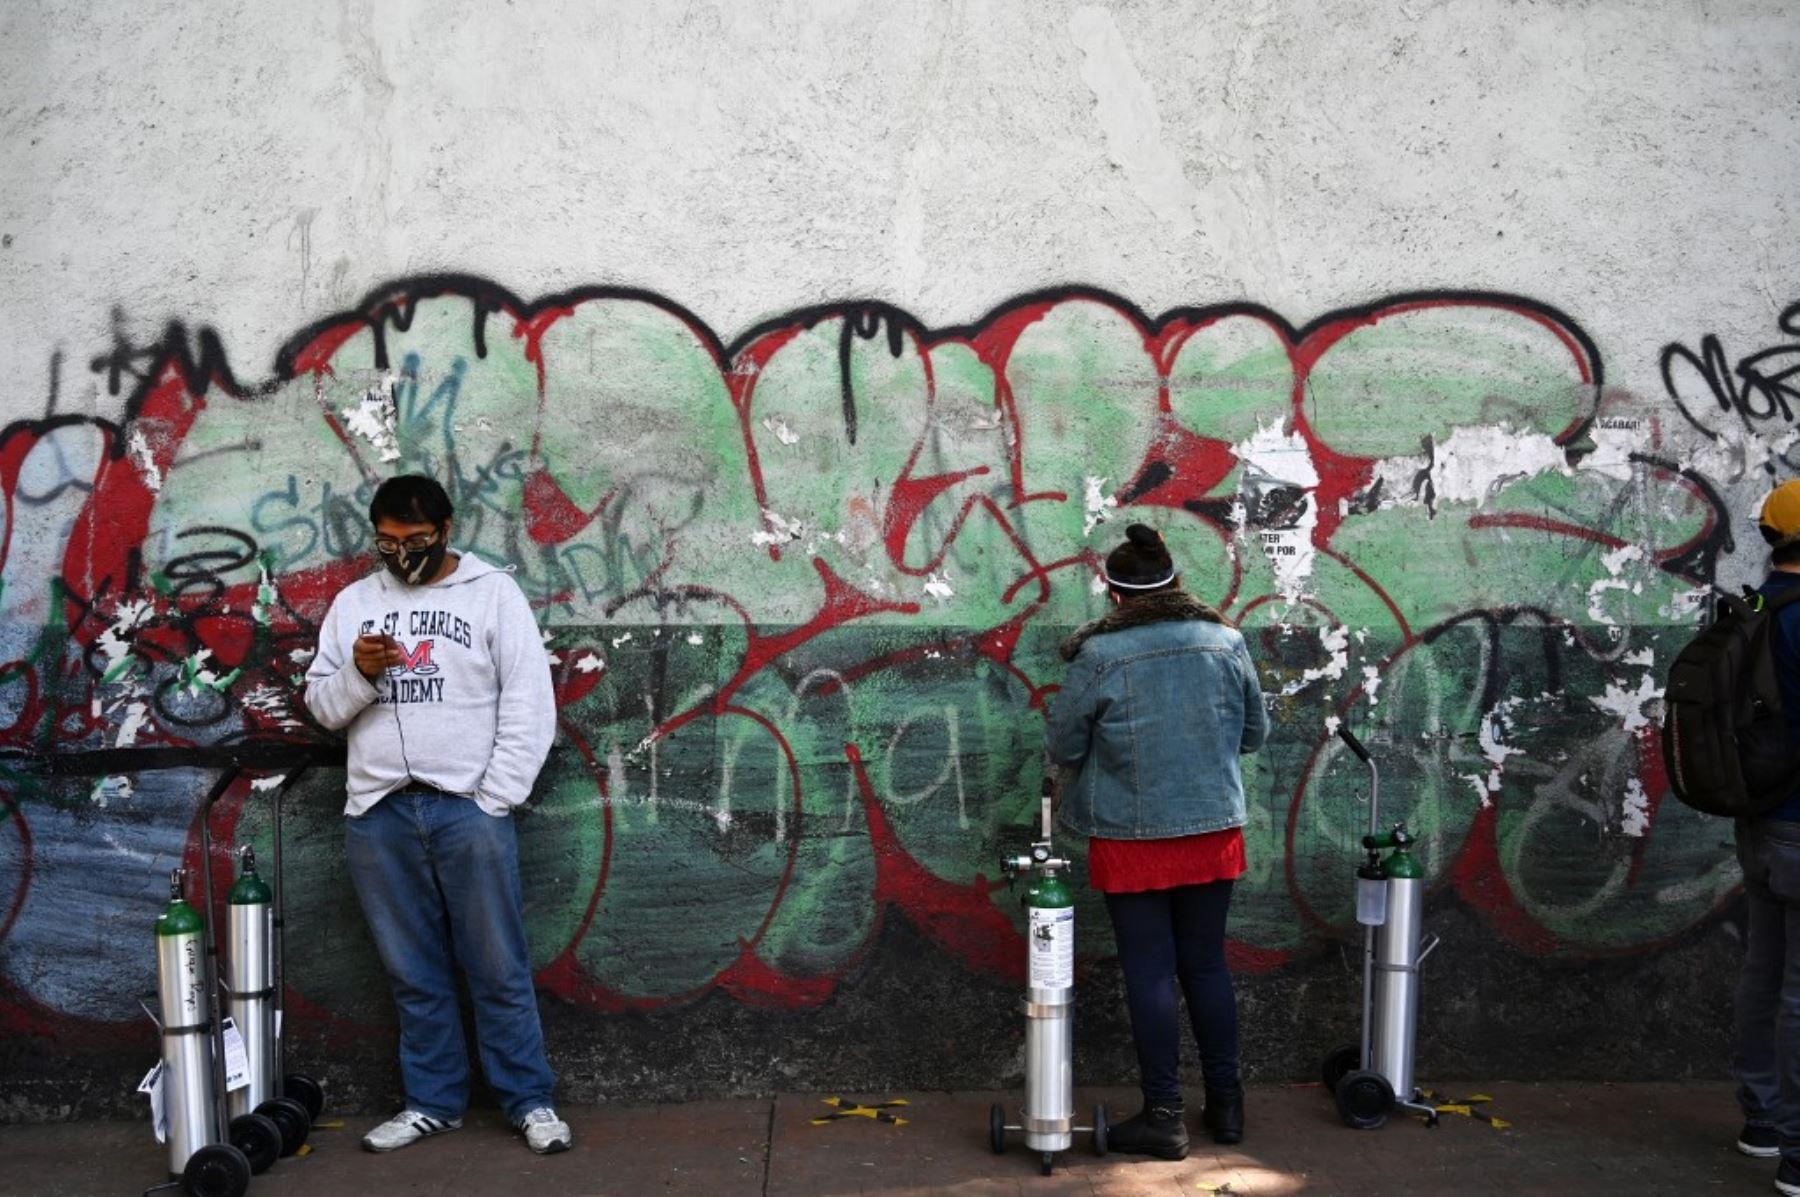 Las personas hacen fila con sus tanques de oxígeno para comprar en la Compañía Infra Medica en la Ciudad de México. Foto: AFP